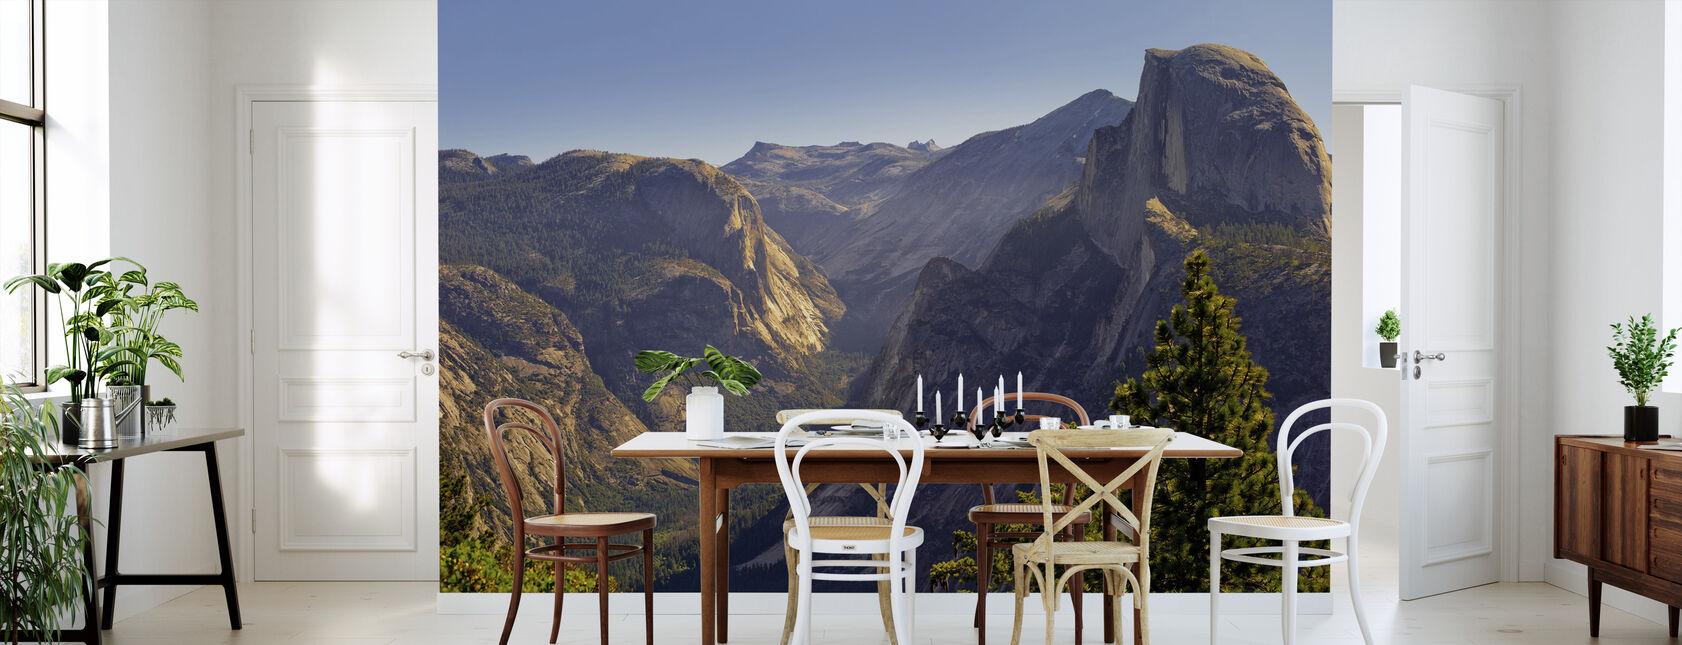 Utsikt over Tenaya Canyon - Tapet - Kjøkken